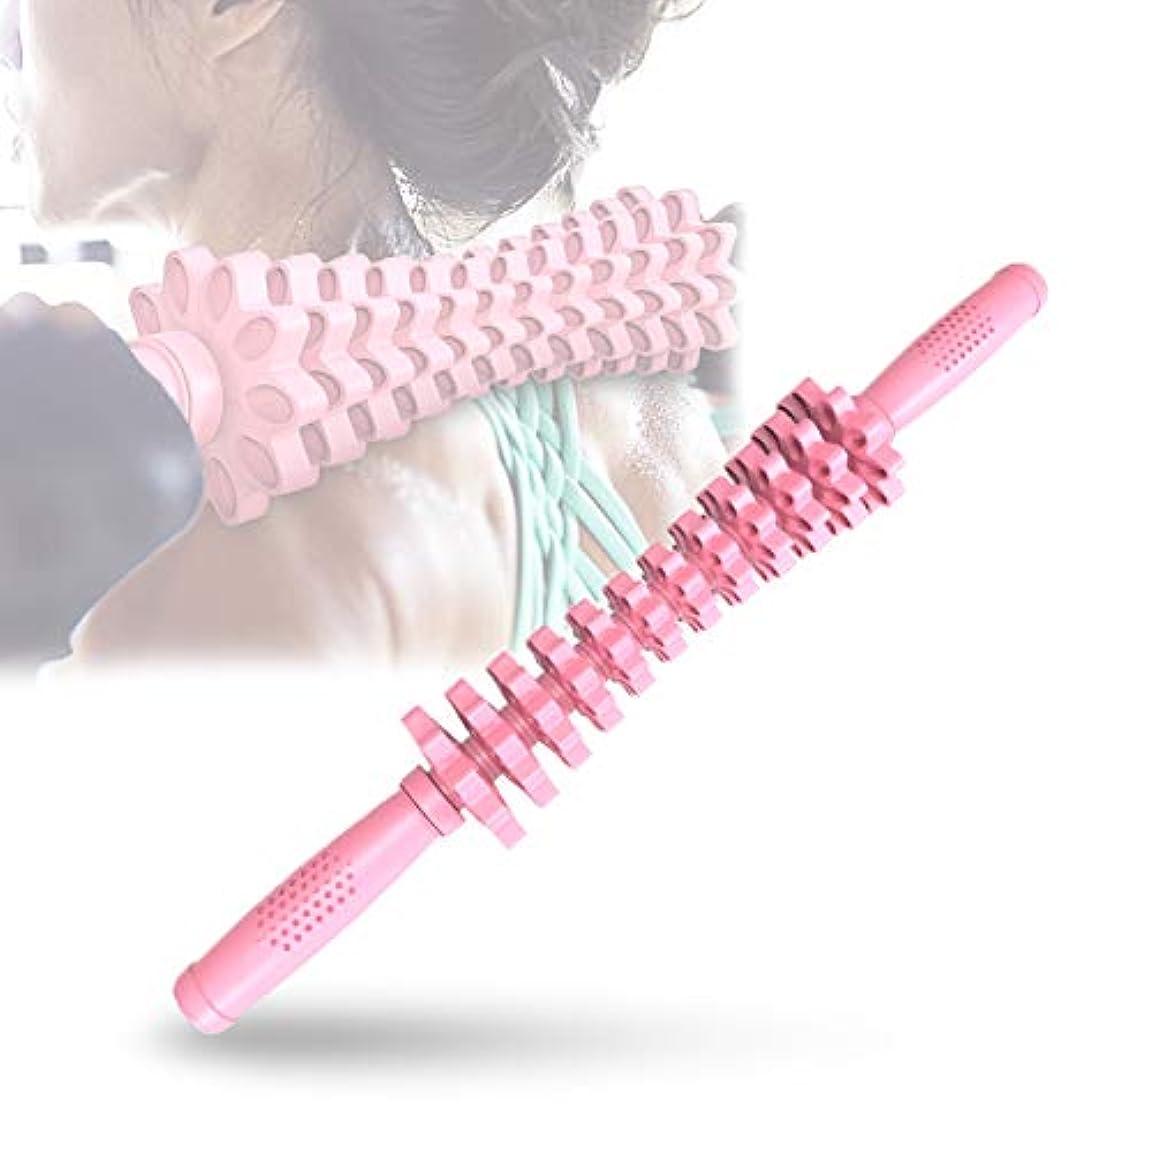 フィルタ粗い複雑なフォームローラー 筋肉マッサージおよび筋筋膜のトリガーポイント解放のためのギヤマッサージャーの取り外し可能なポリ塩化ビニールの快適な滑り止め,Pink